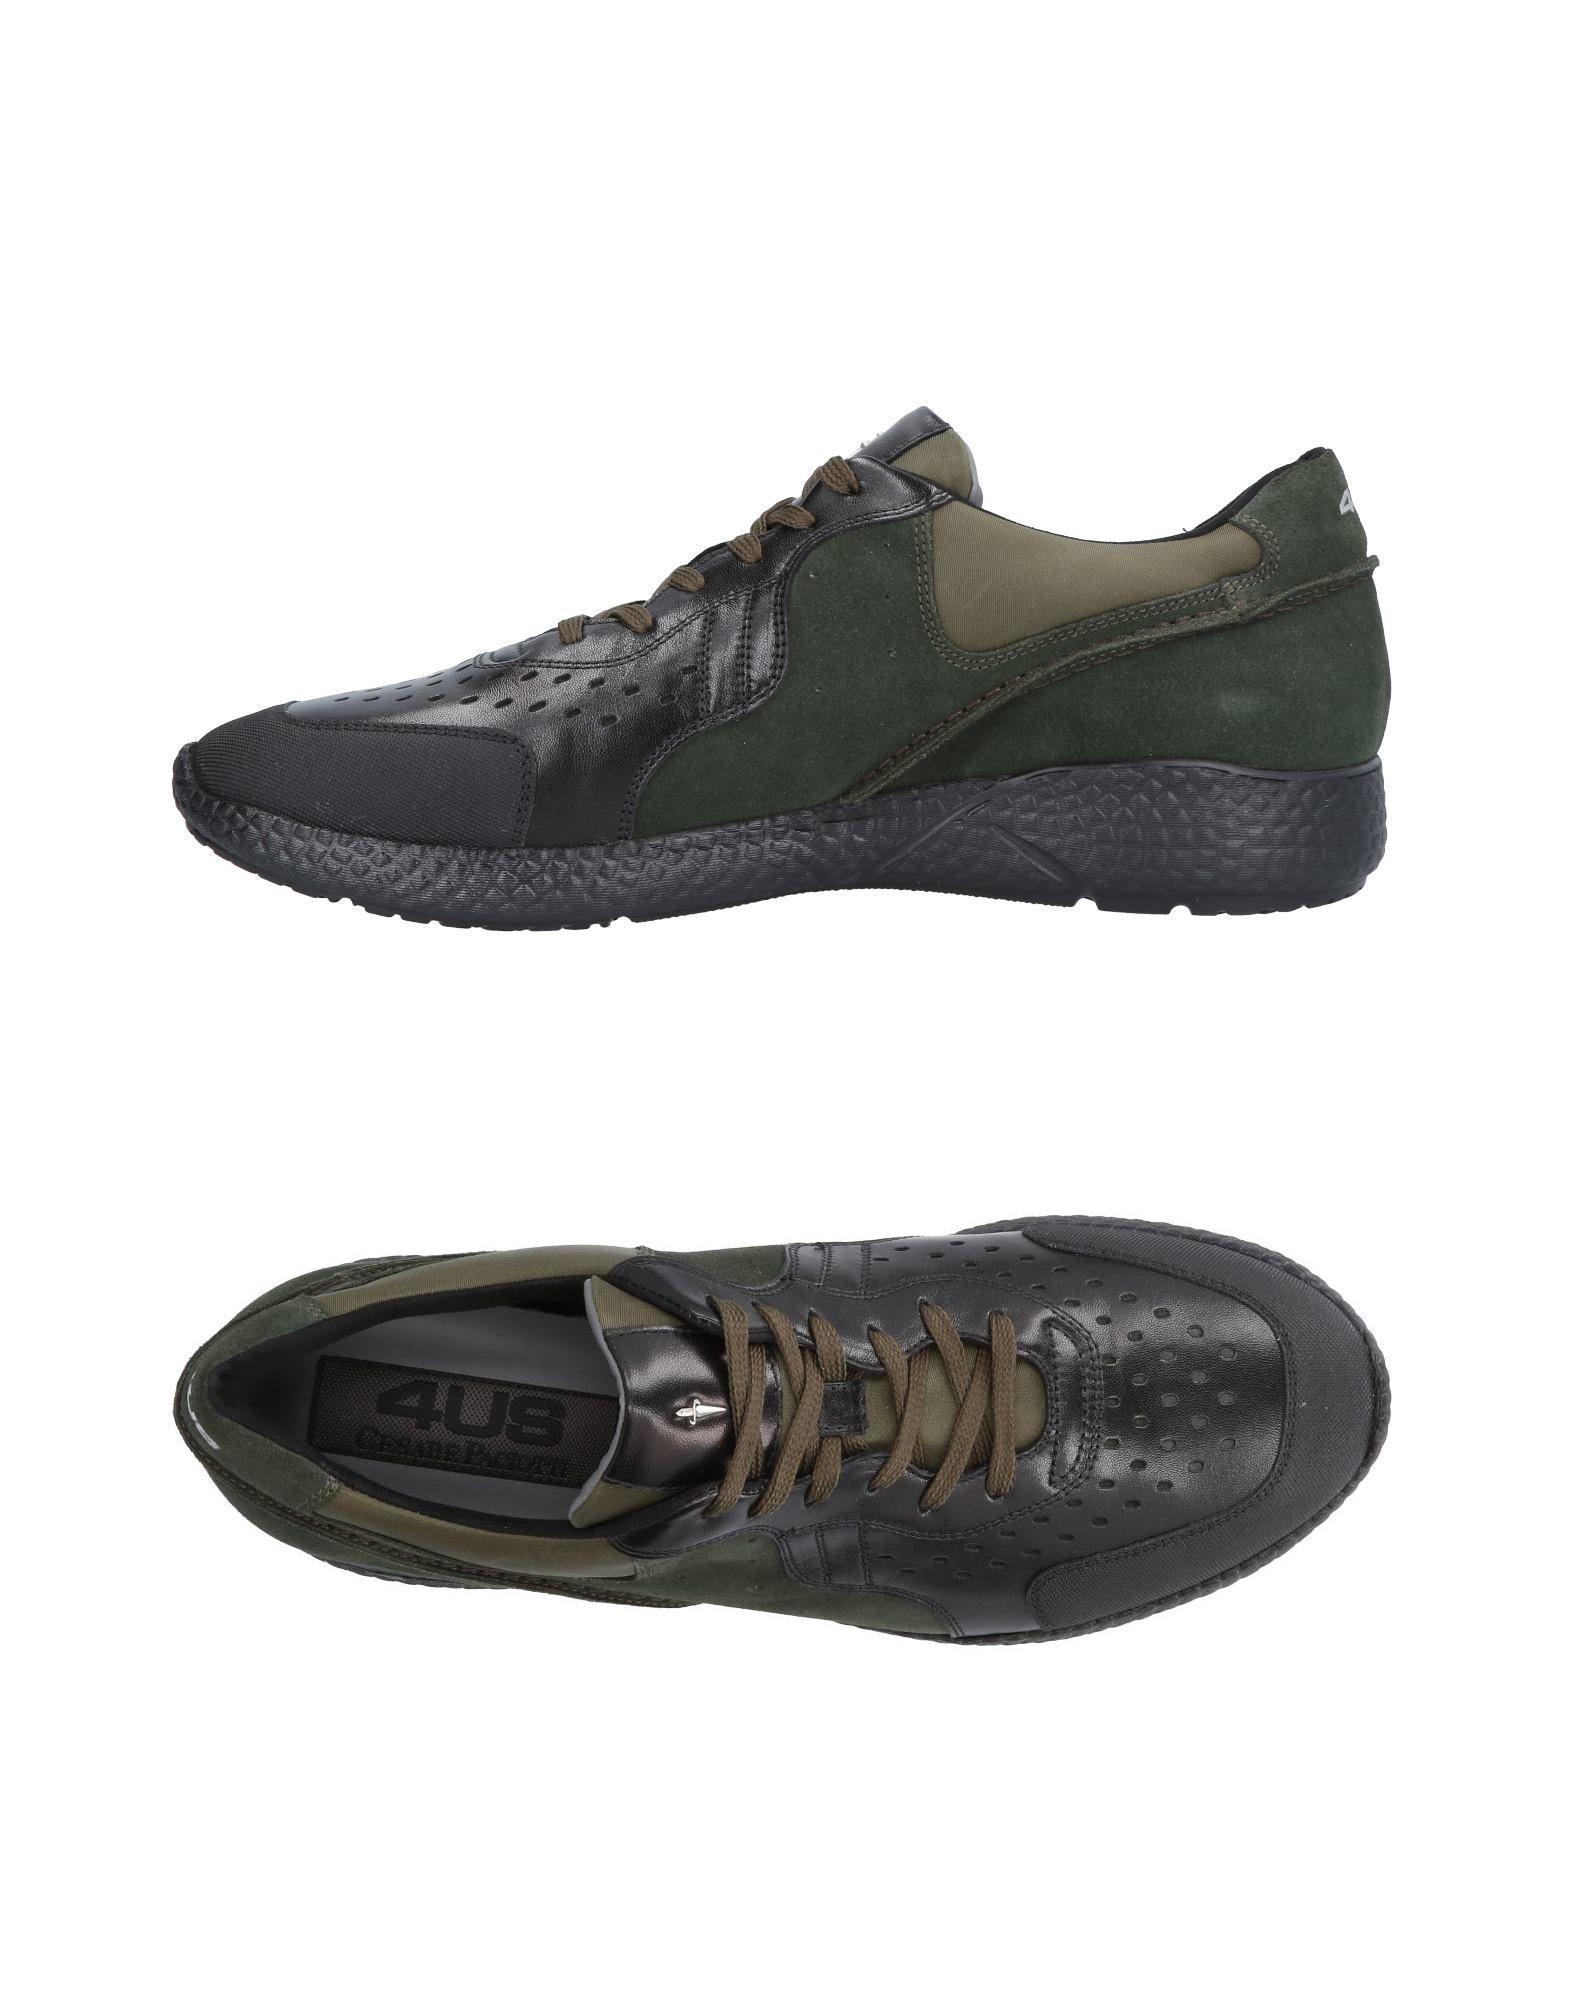 Cesare Paciotti 4Us Sneakers - Men Cesare Paciotti 4Us Sneakers - online on  Australia - Sneakers 11483003WN 608ba7